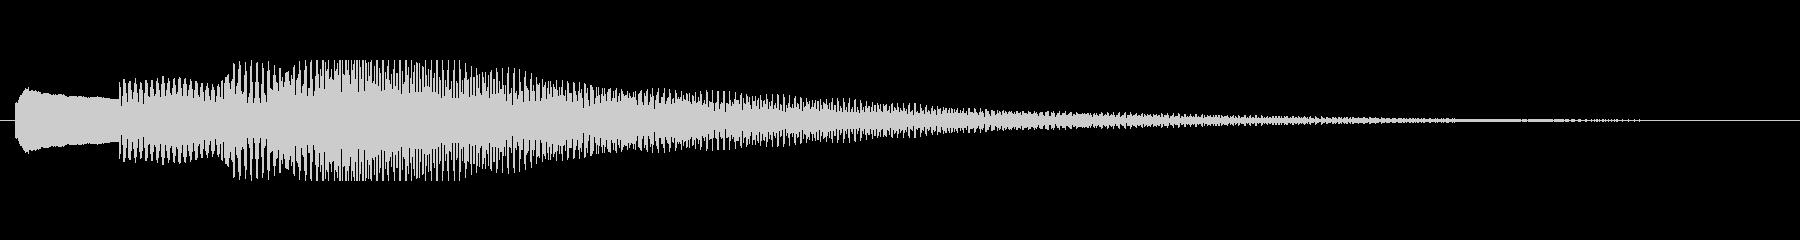 【チャイム アナウンス02-up2】の未再生の波形